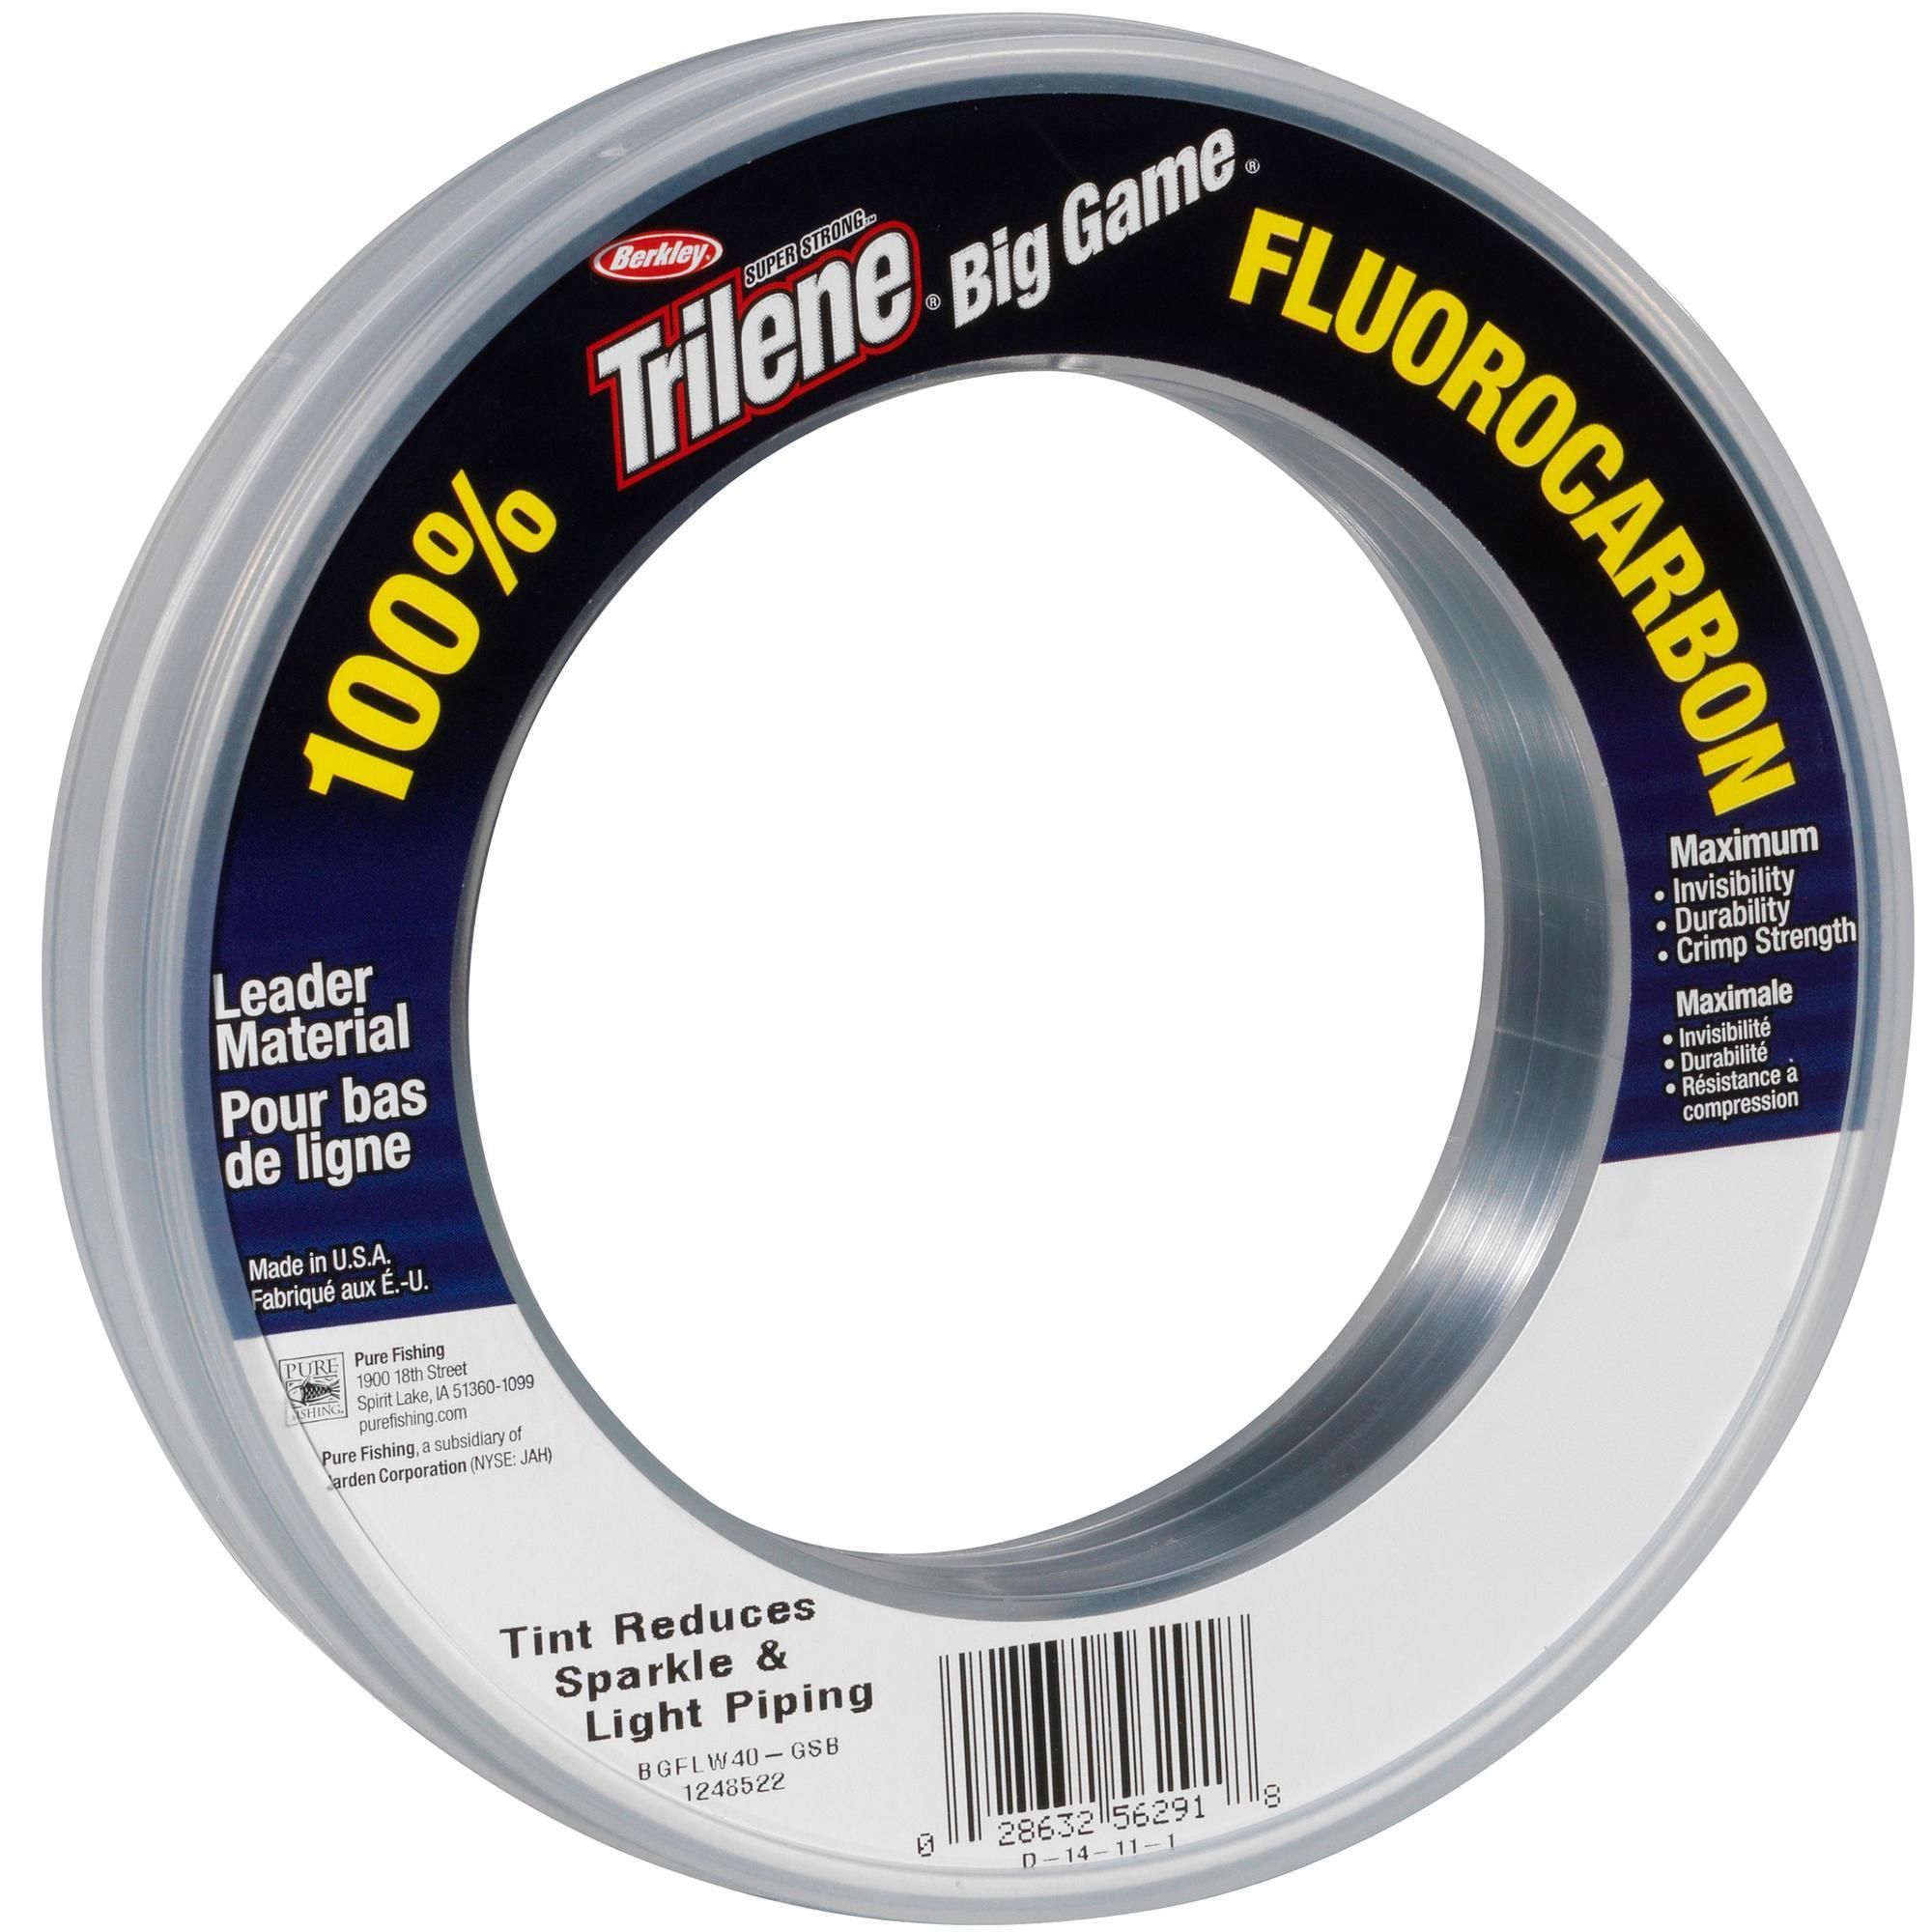 Berkley Fluorocarbon kunstaasvissen Big Game Fluoro 60 lbs 81 m